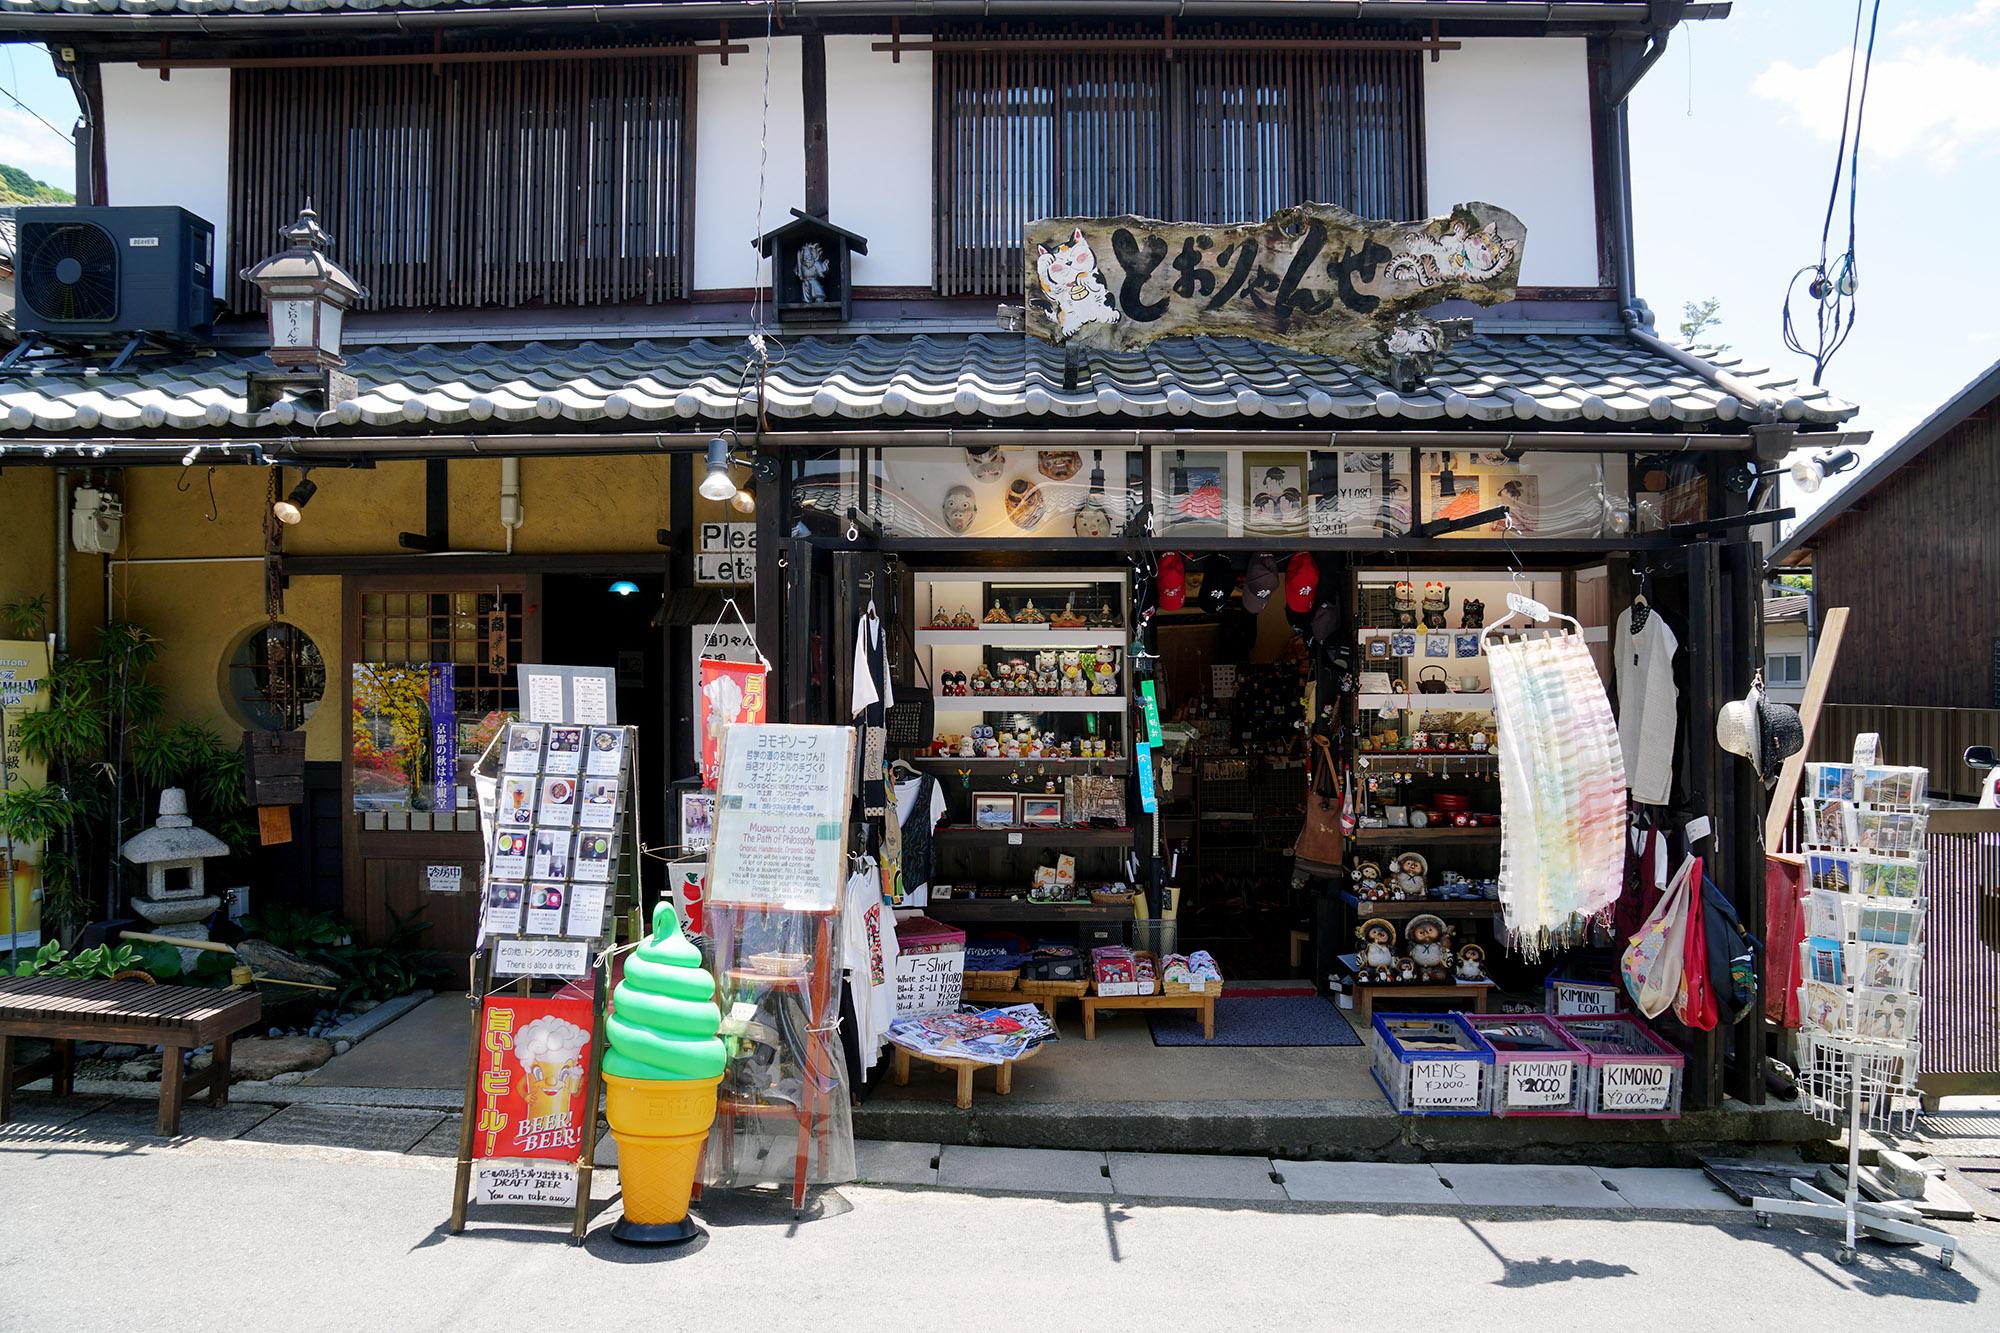 Kyoto (et le Japon pour ce que nous en avons vu) c'est aussi une multitude de petites boutiques et de petits restaurants très mignons, loin des chaînes qui uniformisent tout (bon, il y a des chaîne également, mais vraiment beaucoup de petits établissements).